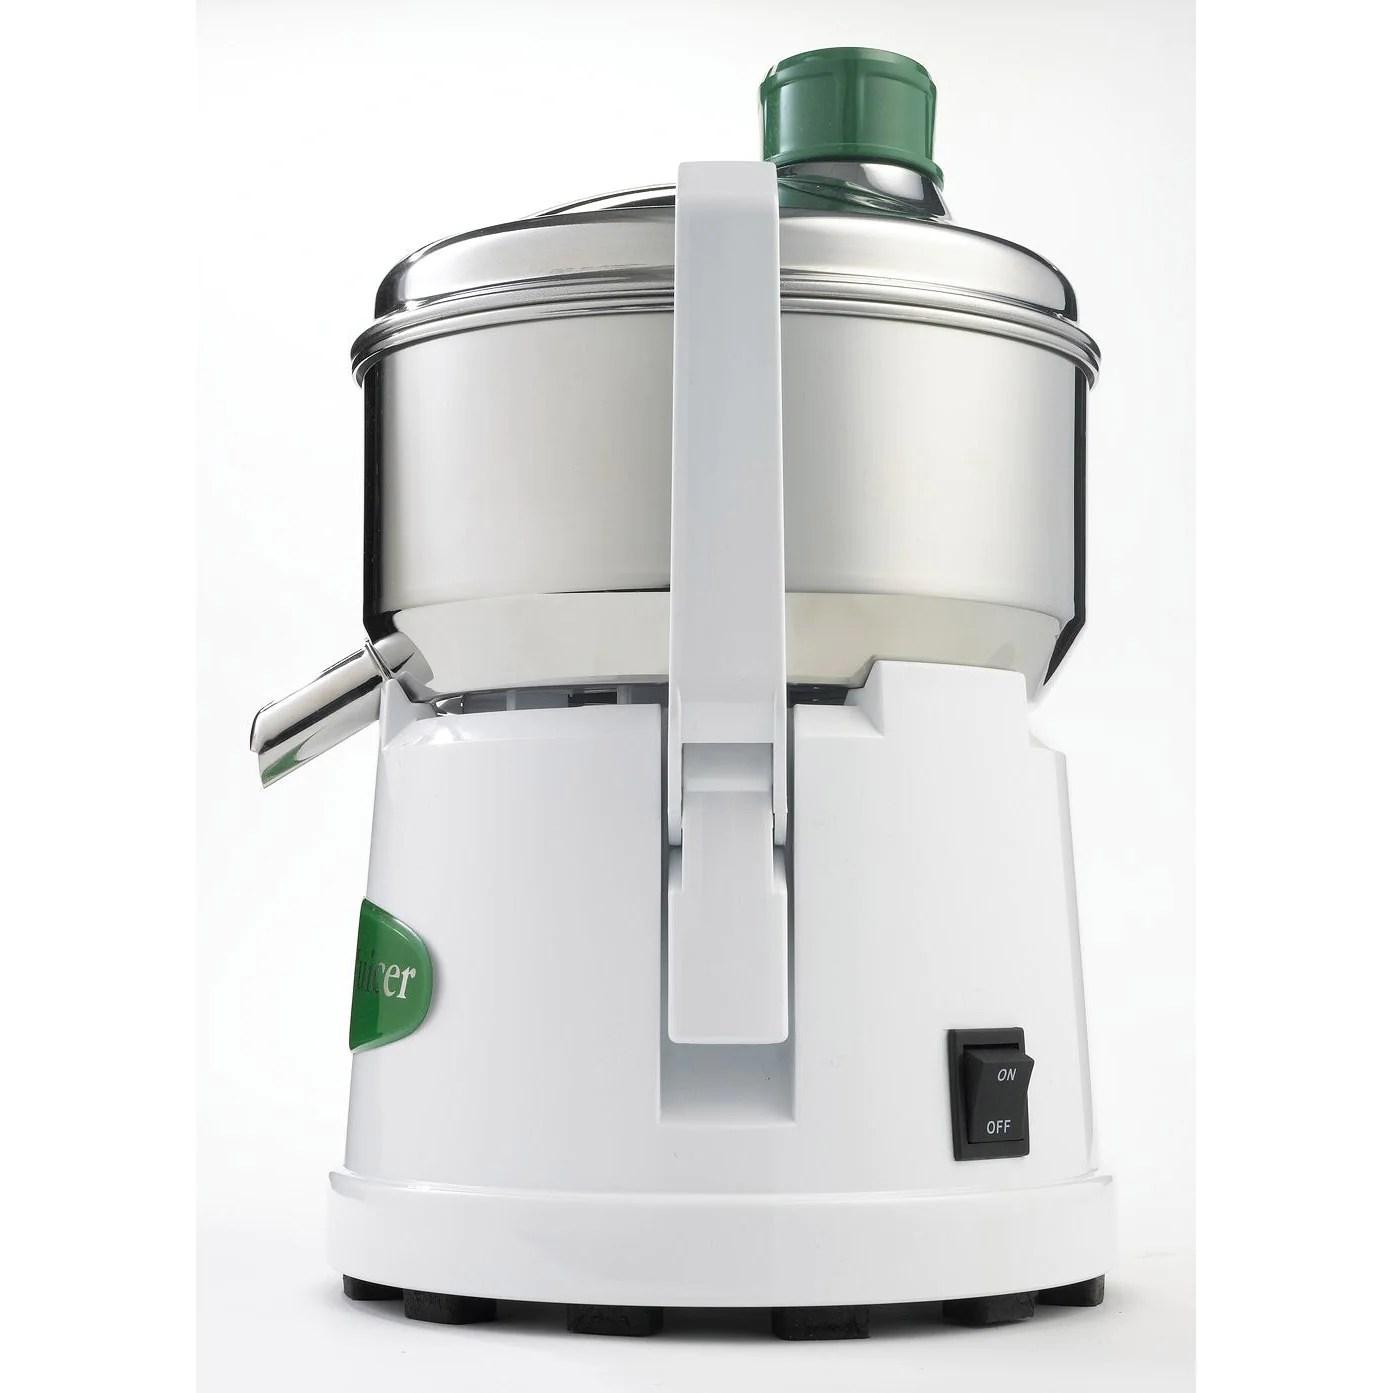 ninja kitchen system pulse bl201 outdoor sink omega 9000 centrifugal juicer - 14516994 overstock.com ...